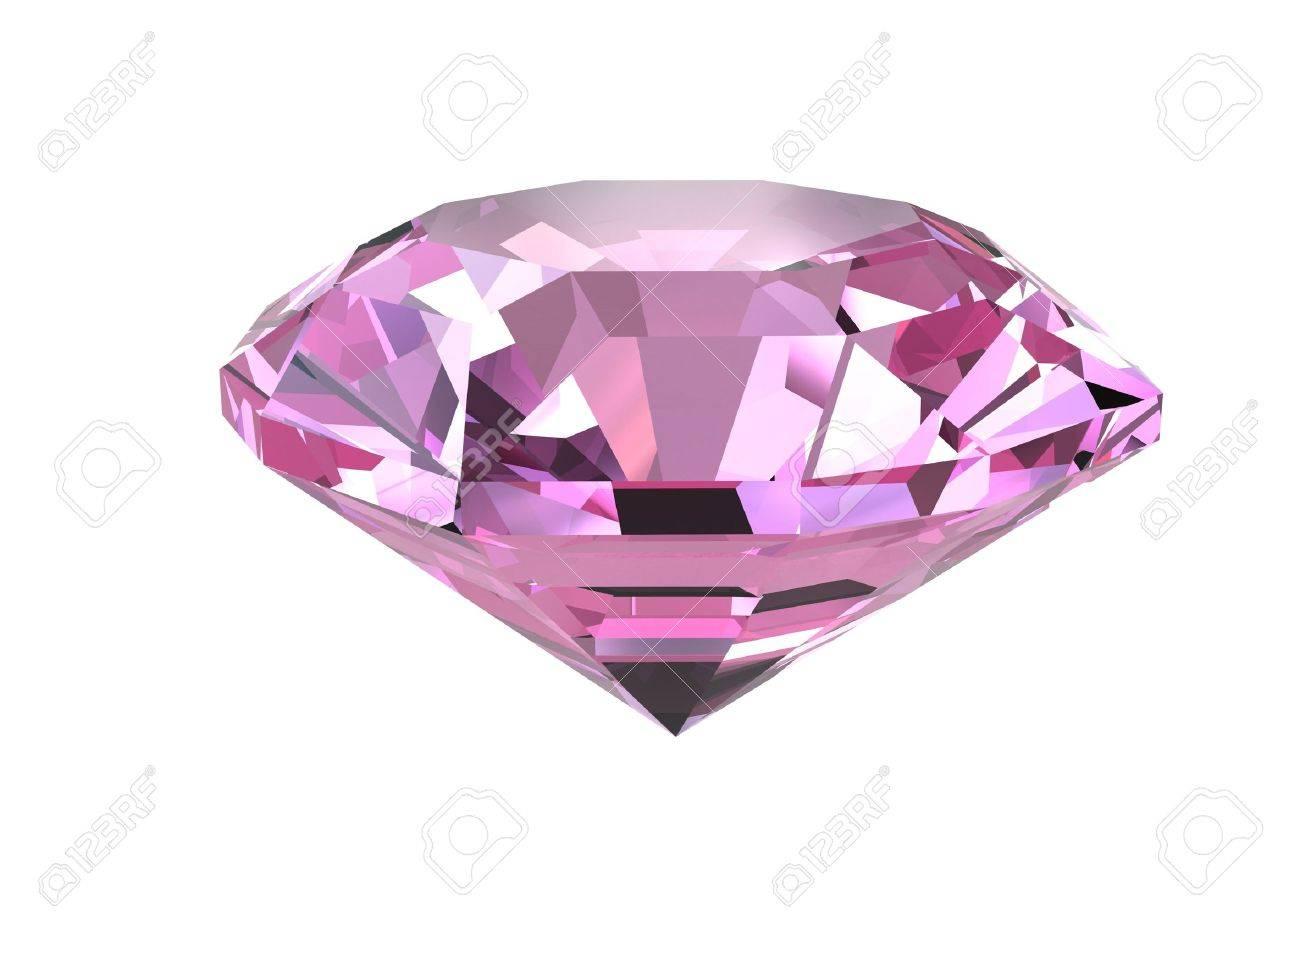 diamante rosa aisladas sobre